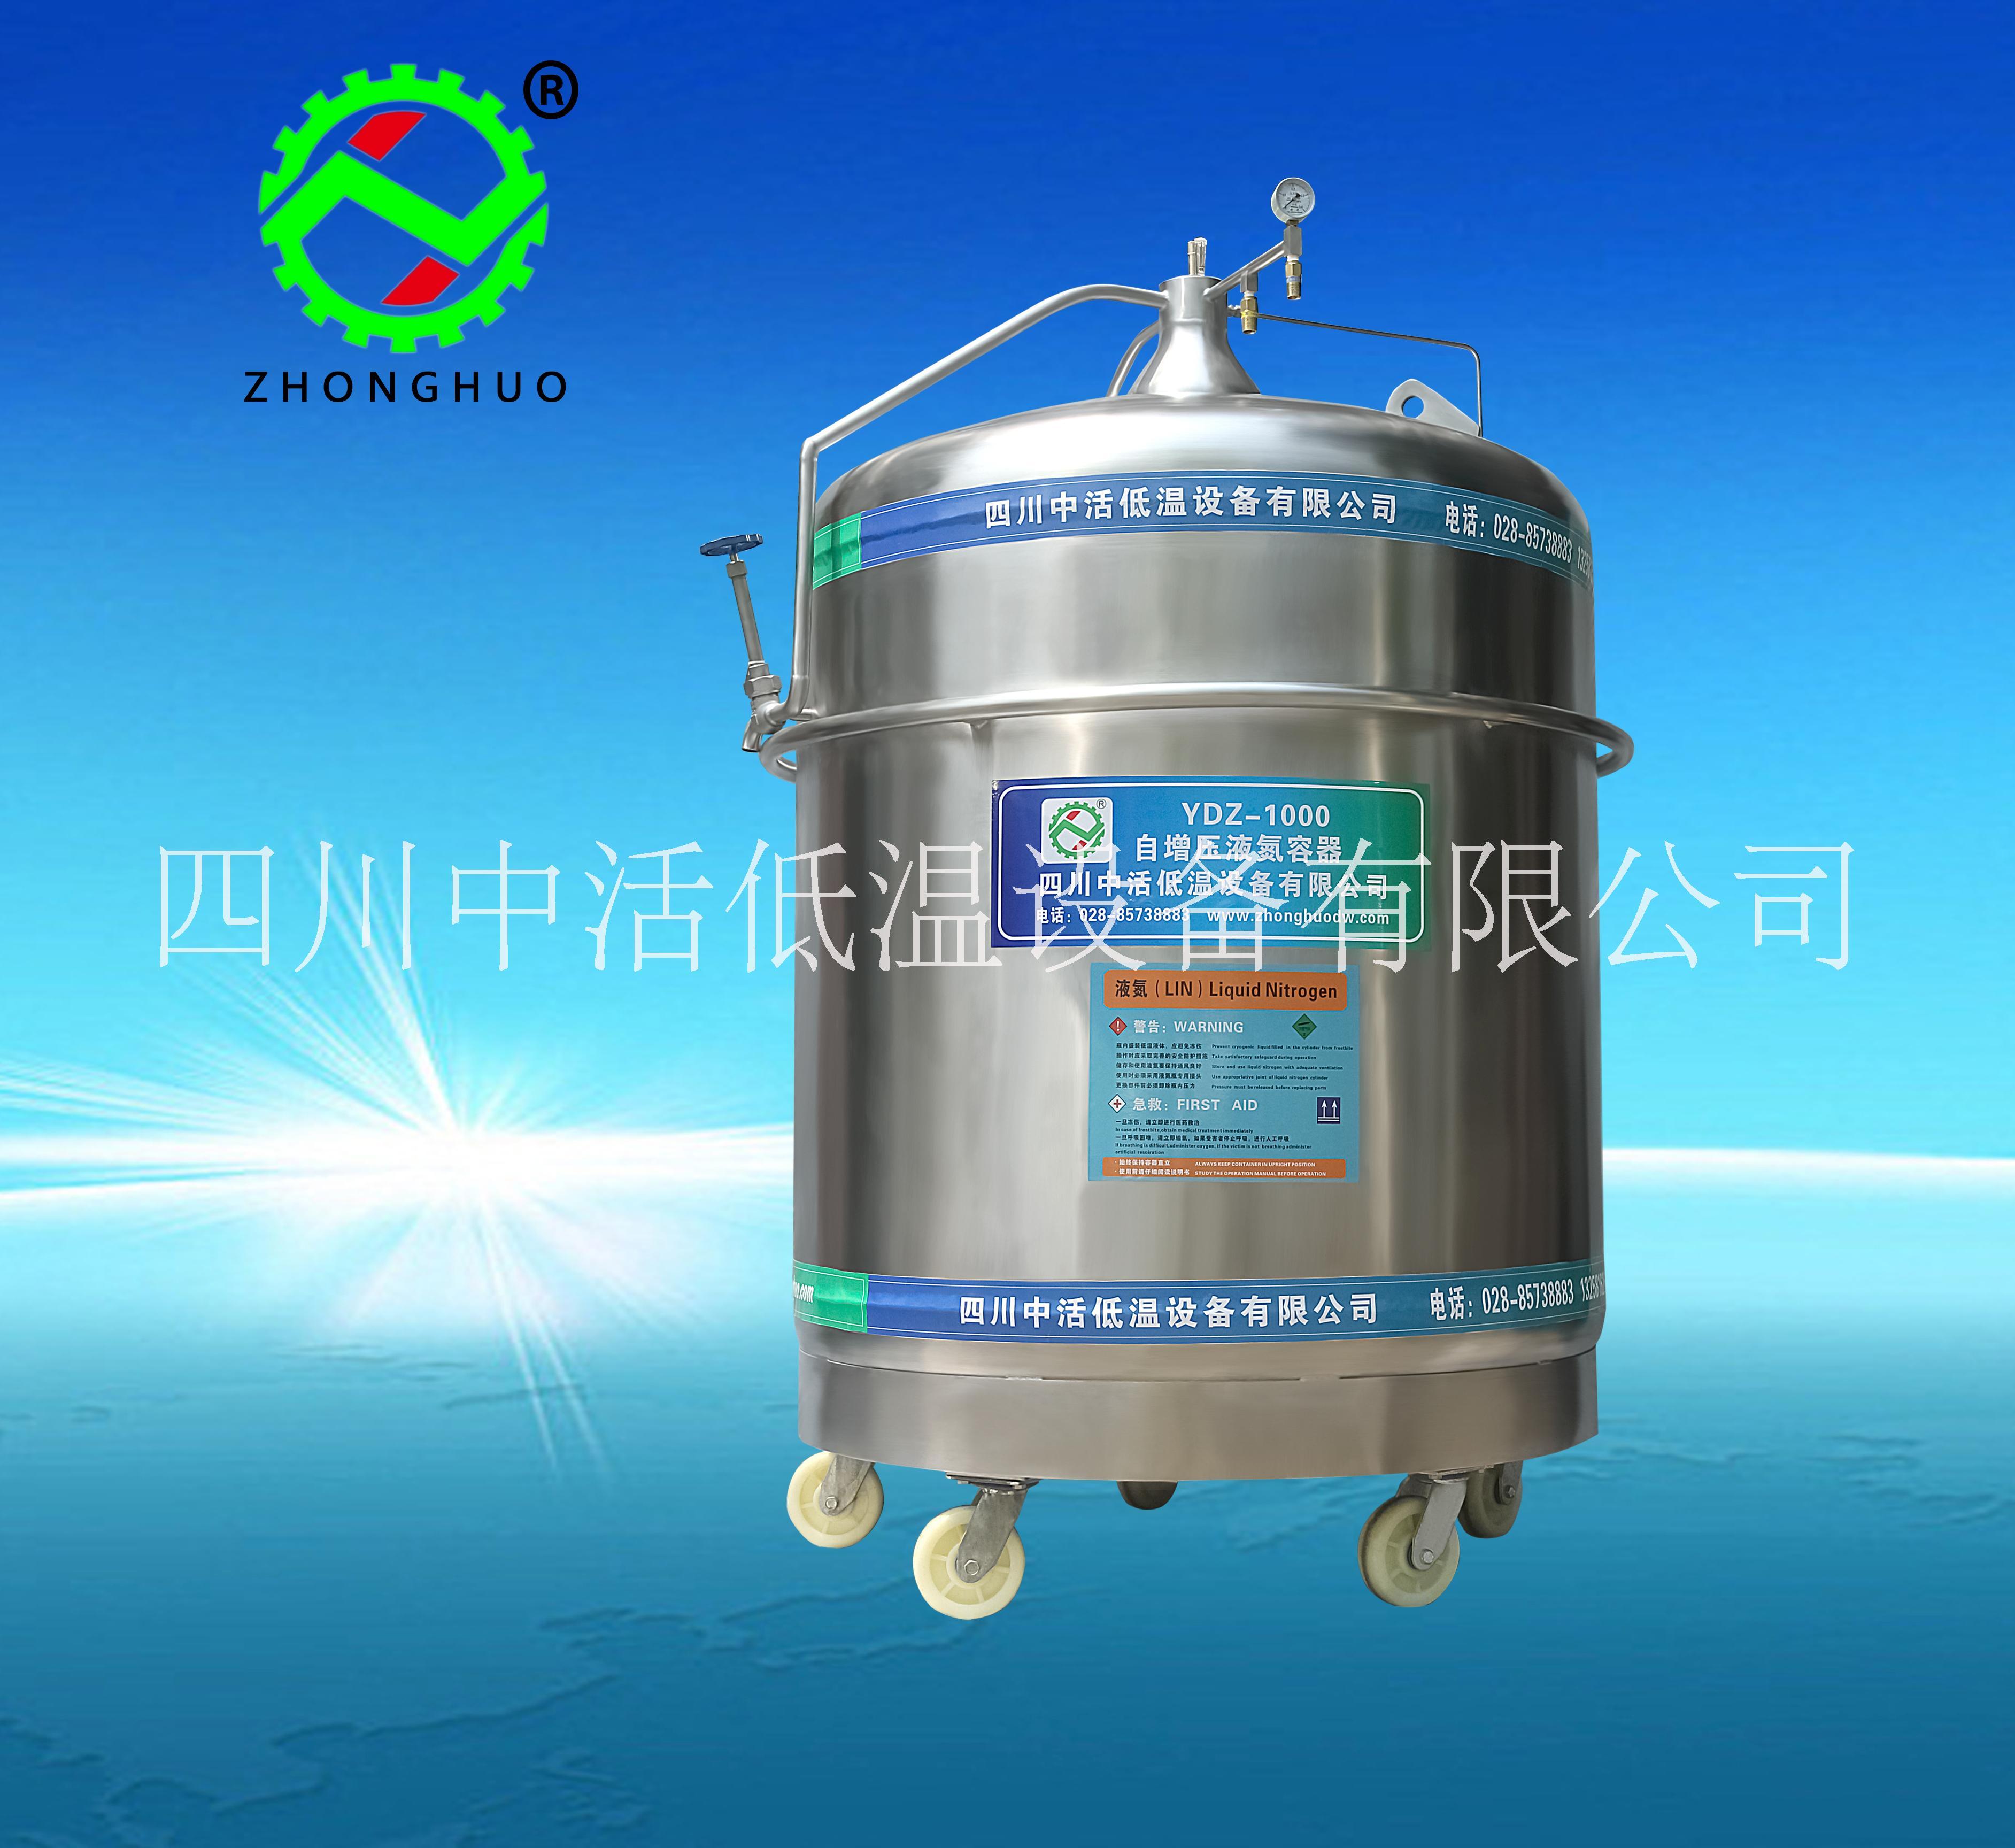 YDZ自增压液氮罐生产厂家 上海YDZ自增压液氮罐生产厂家 上海YDZ自增压液氮罐供应商